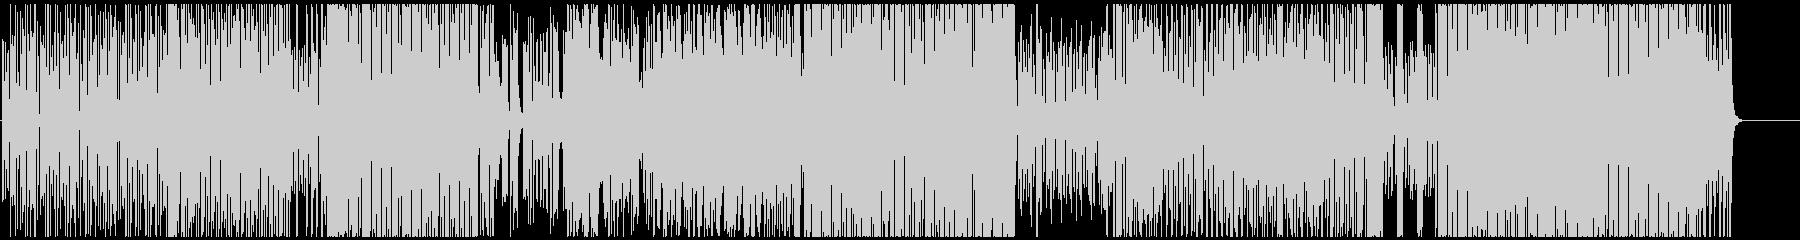 SAXで奏でるノリノリハウスポップスの未再生の波形